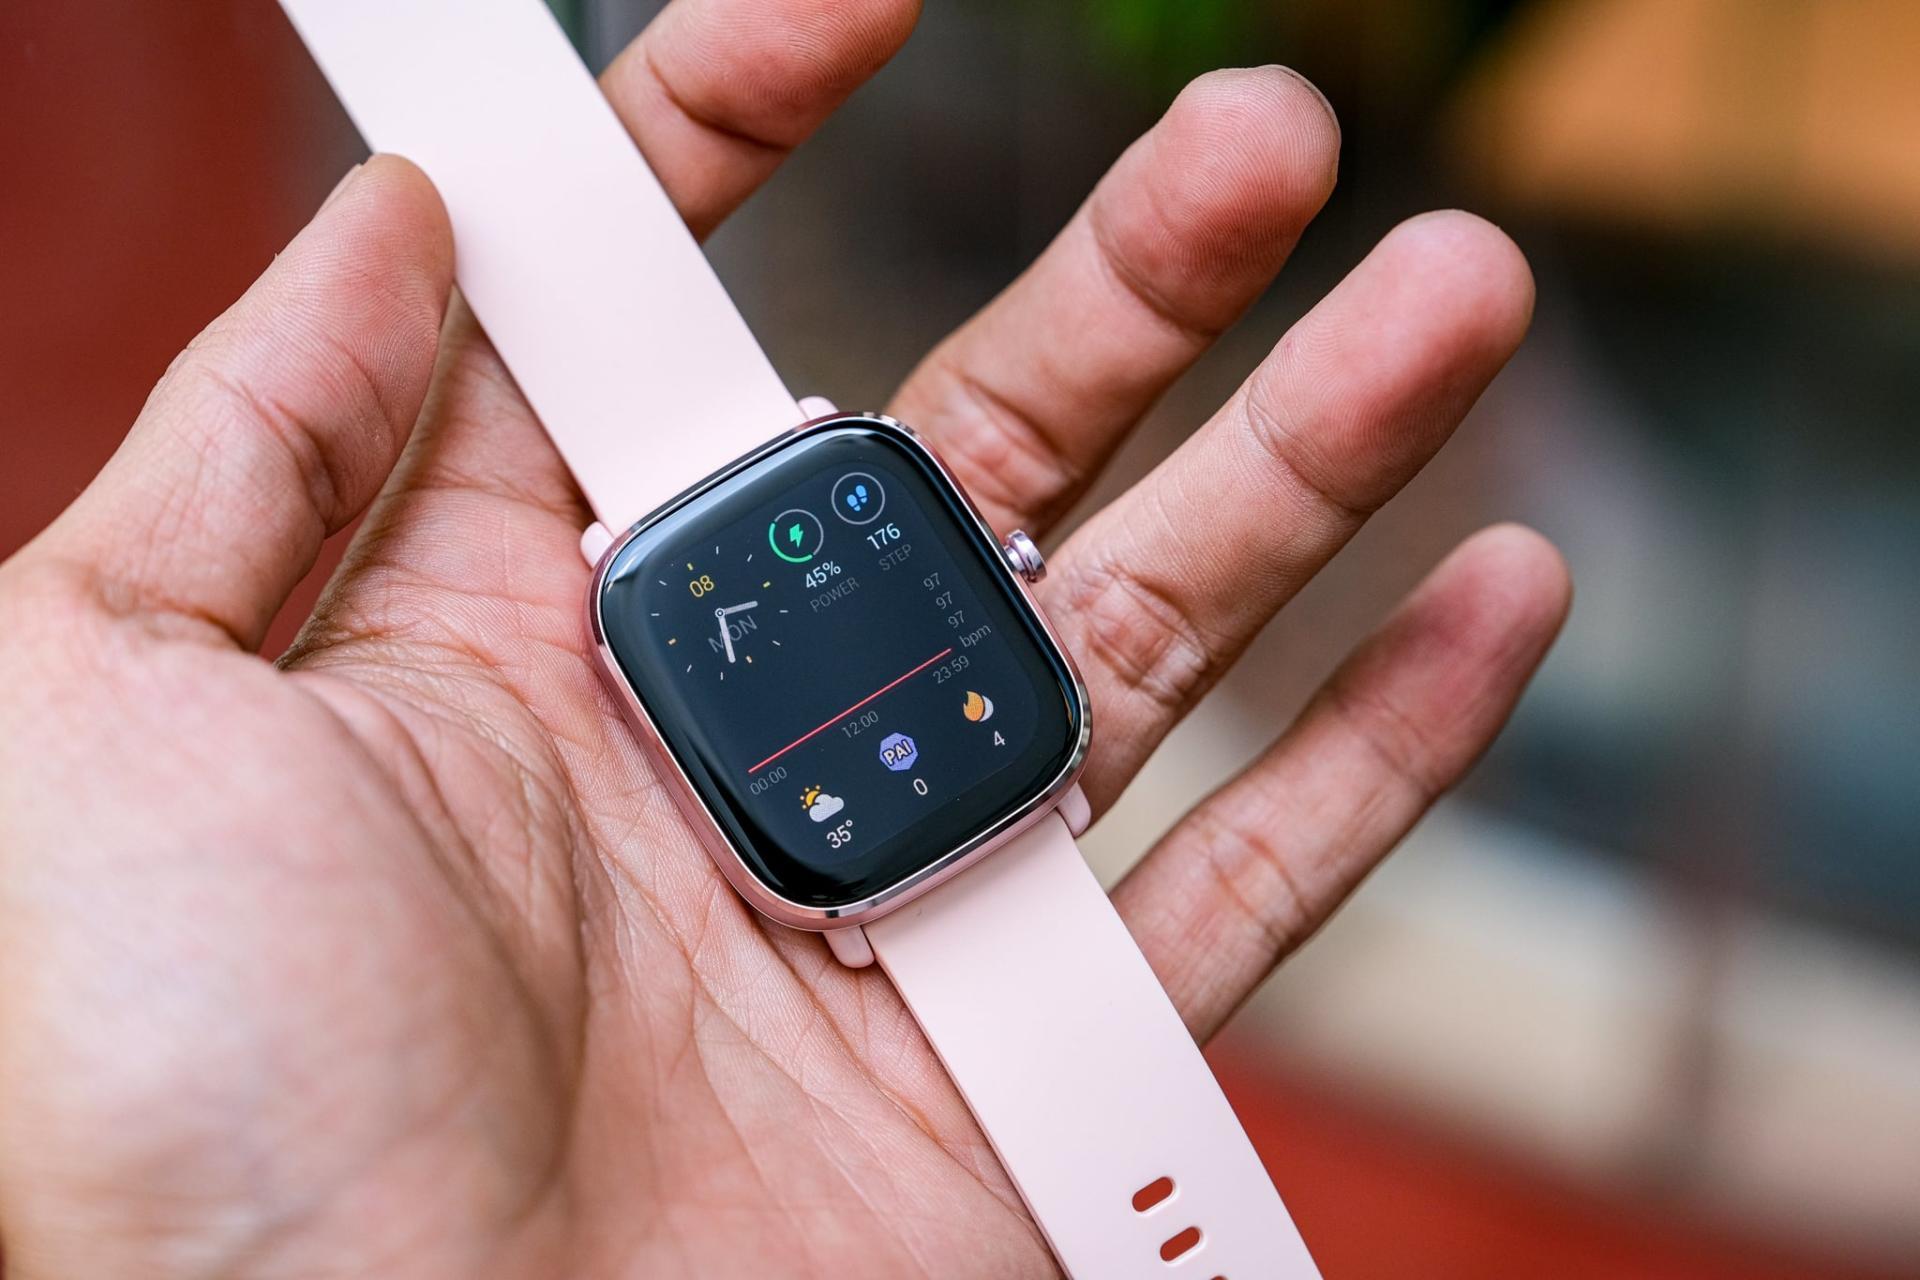 Trên tay smartwatch giá rẻ Amazfit GTS 2 Mini